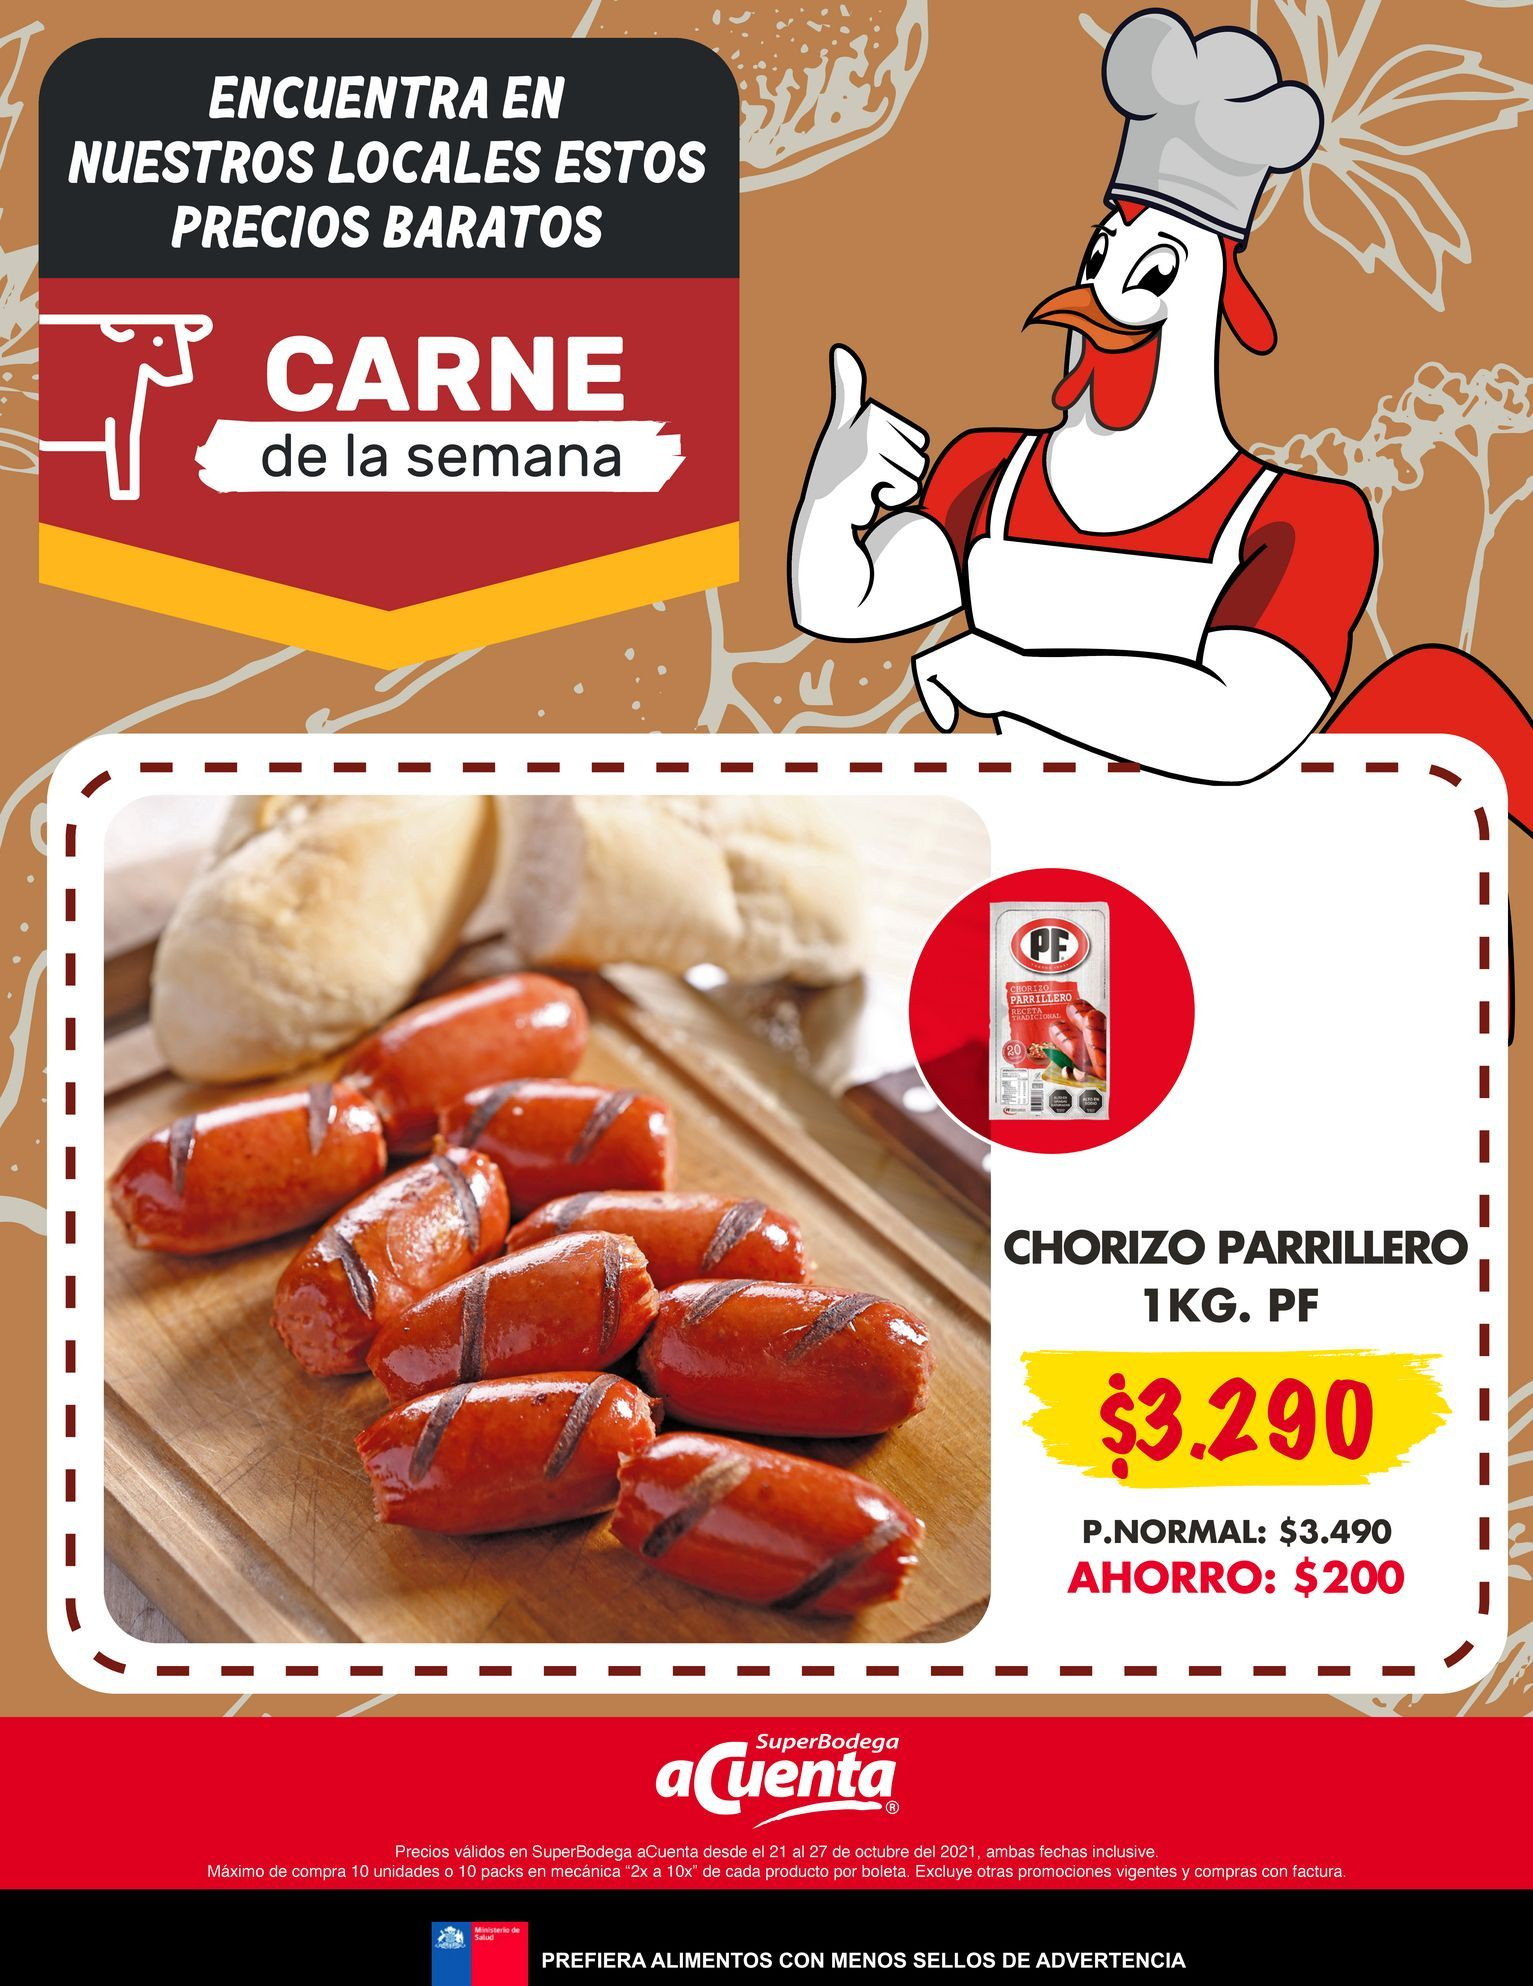 Ofertas de Chorizo parrillero 1 kg por $3290